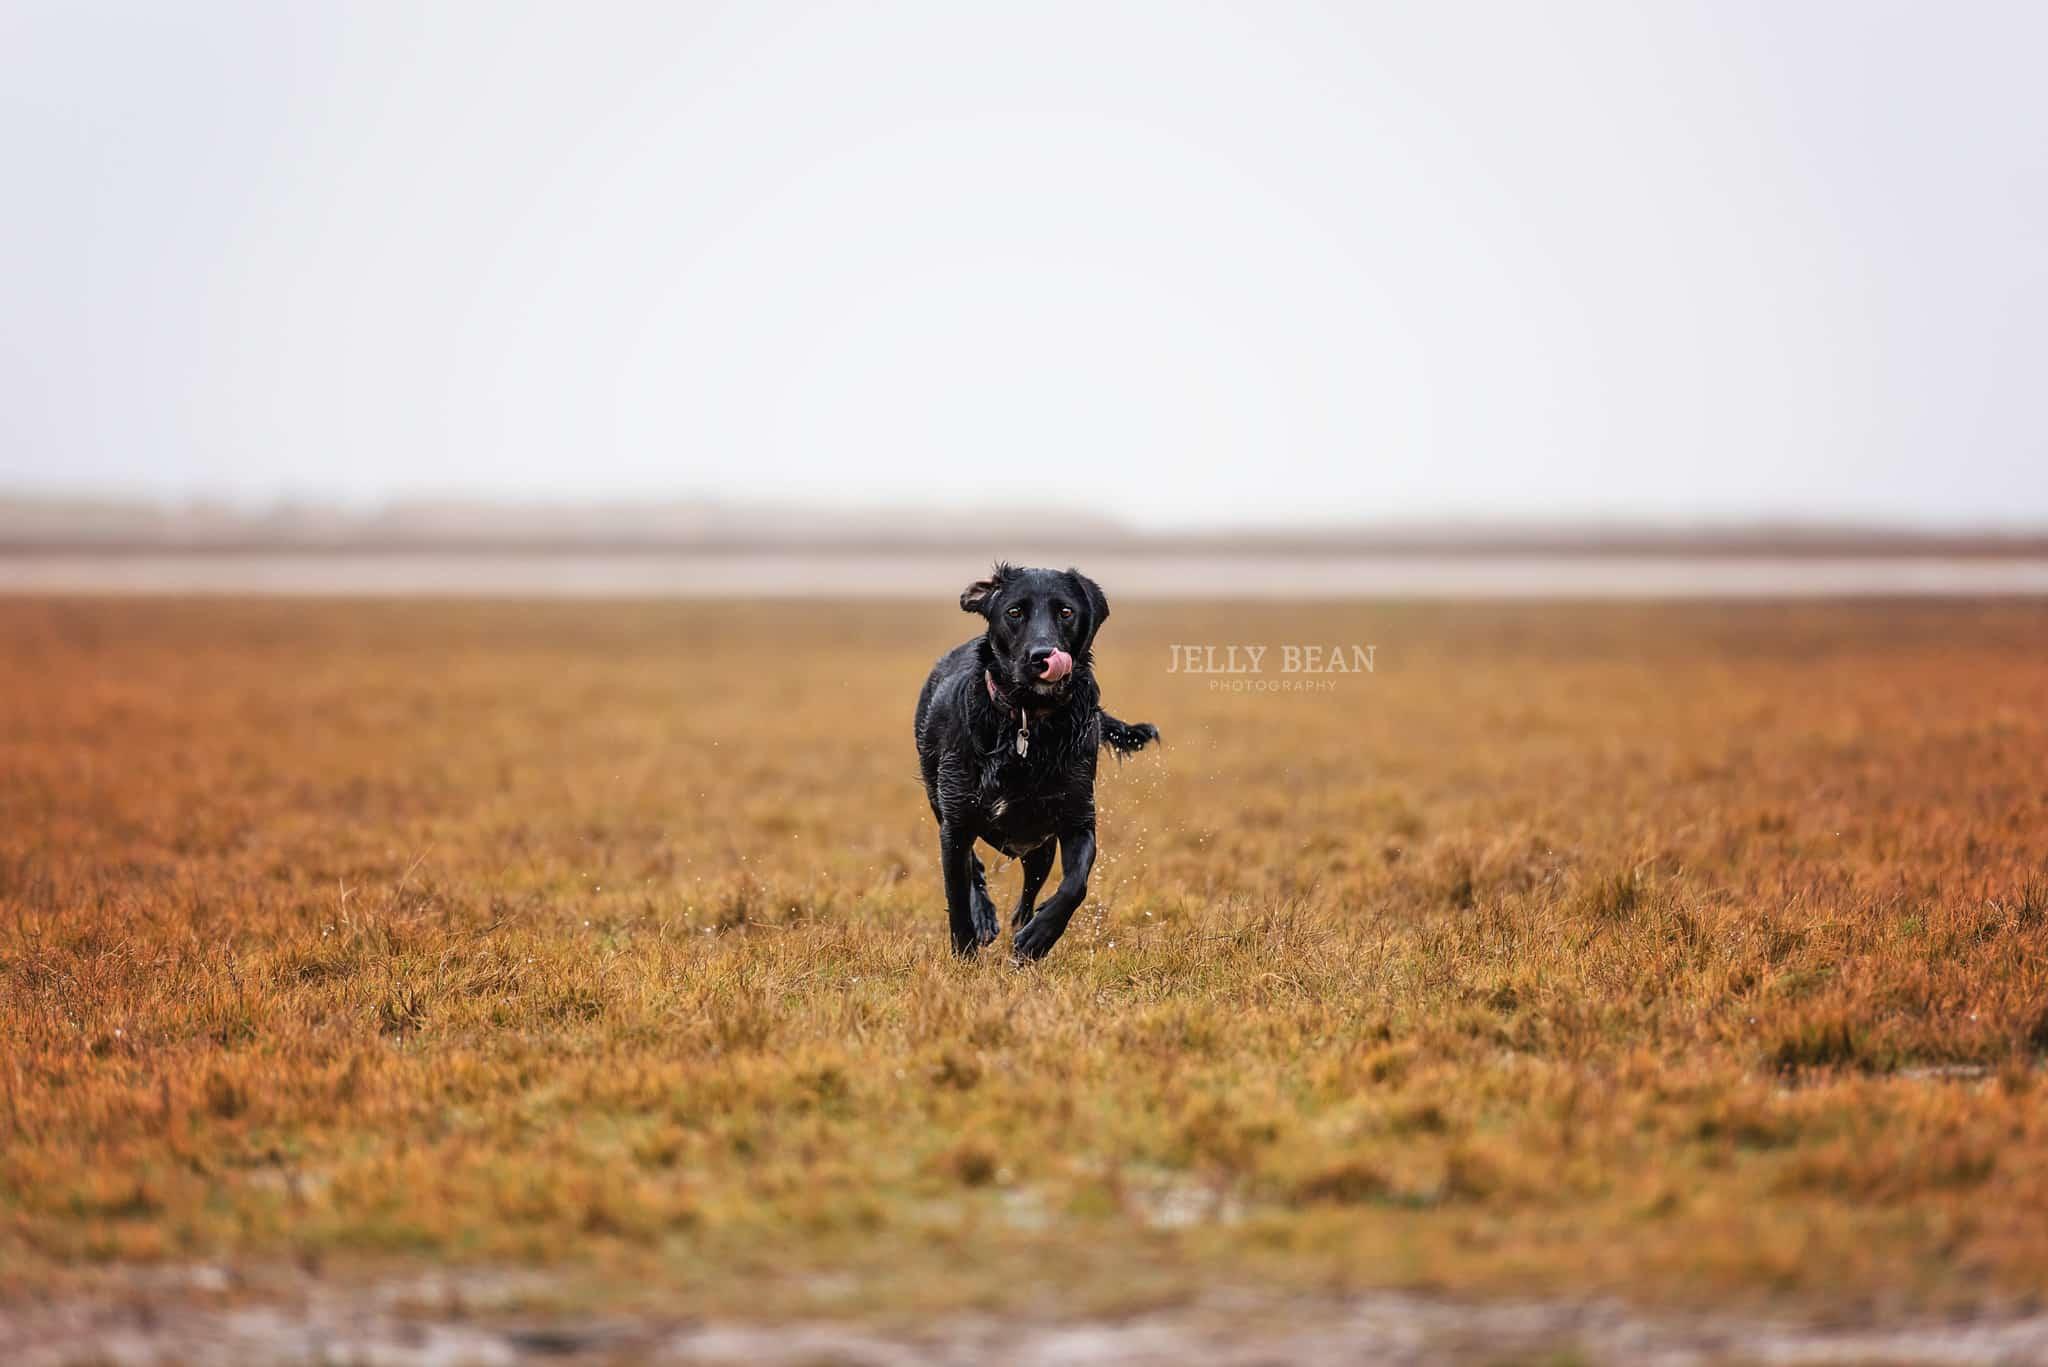 Black dog licking nose